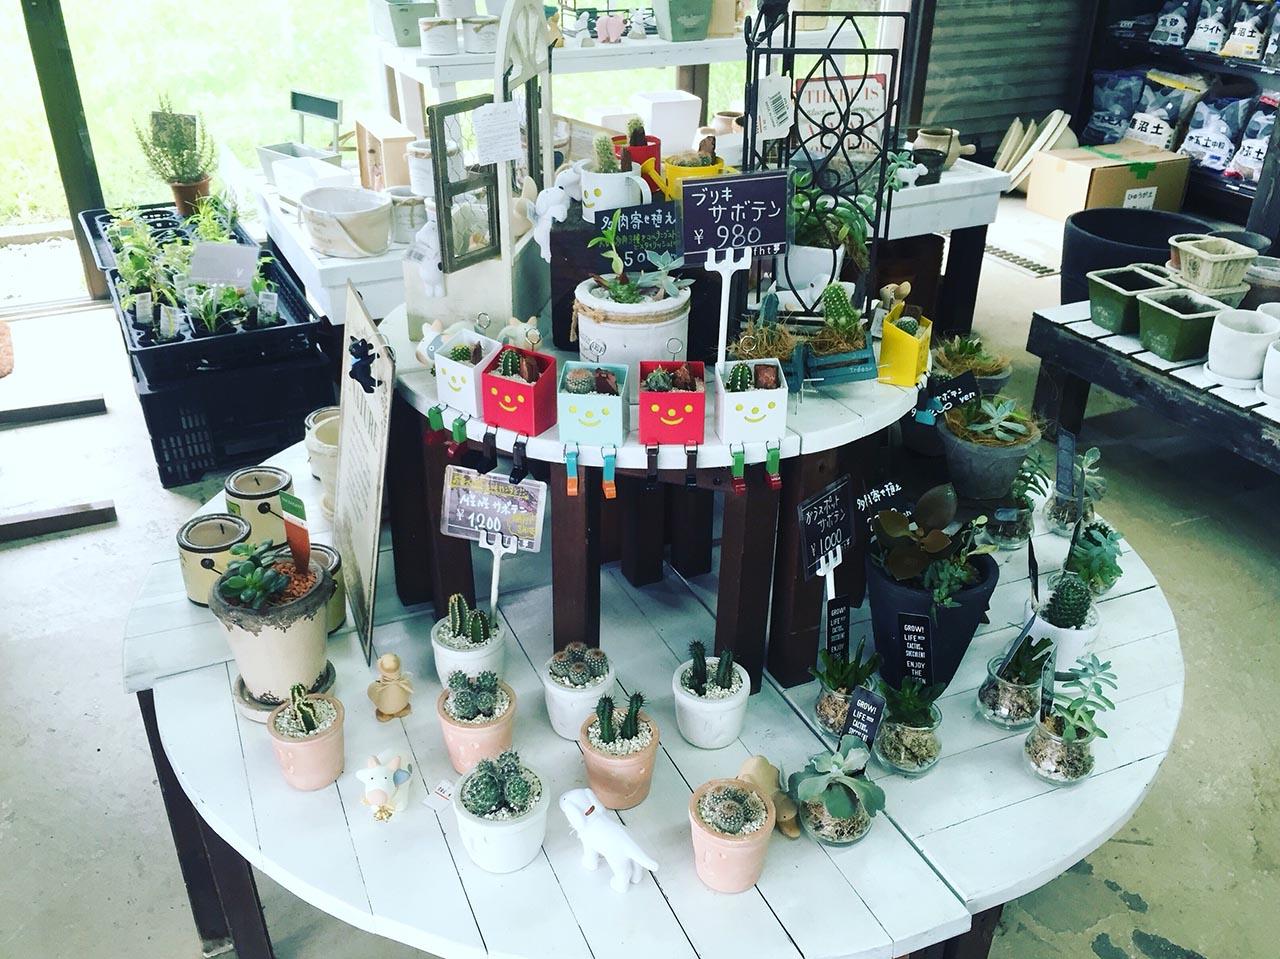 鮮花競放館的盆栽販賣區